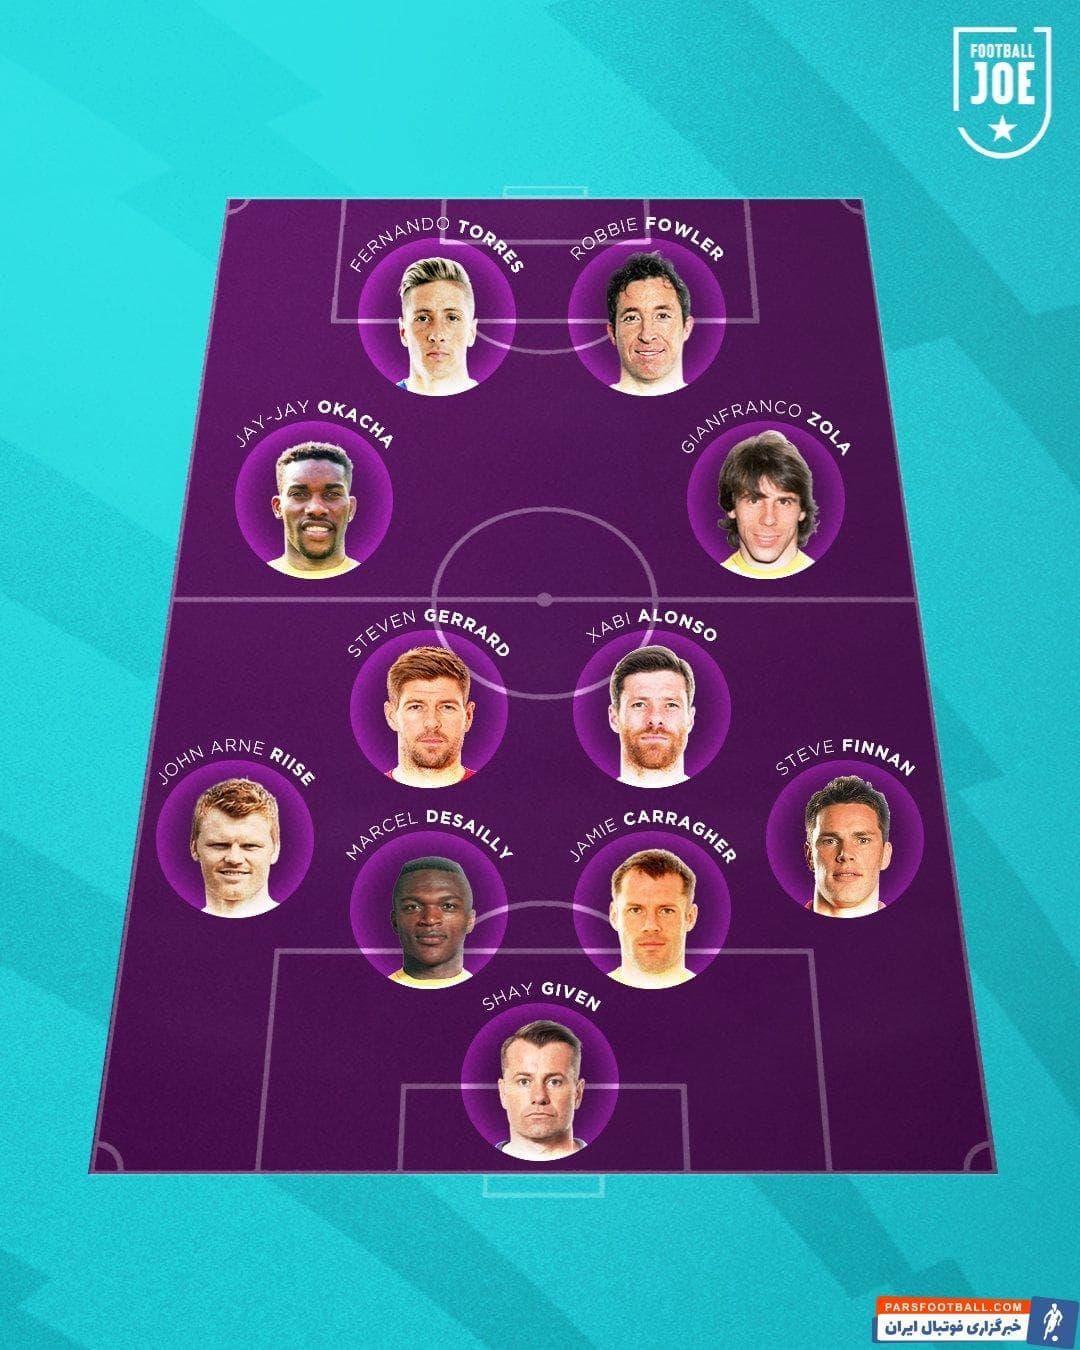 ترکیب 11 نفره بازیکنانی که قهرمان لیگ برتر انگلیس نشدند